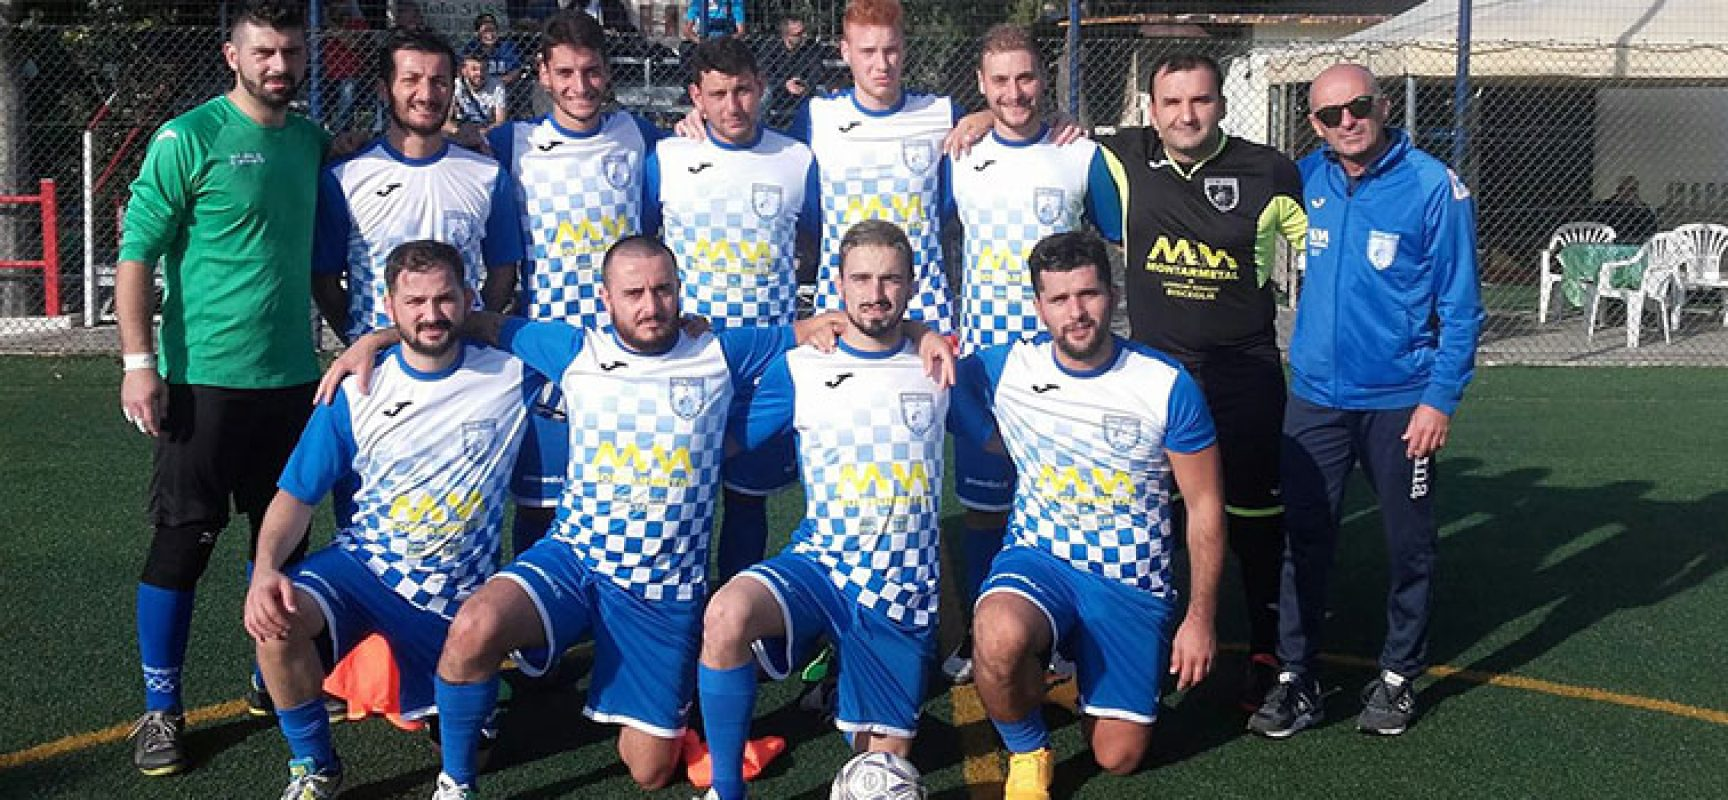 Futsal serie C2, il Nettuno vince in rimonta, il Futbol Cinco cala il settebello / CLASSIFICA